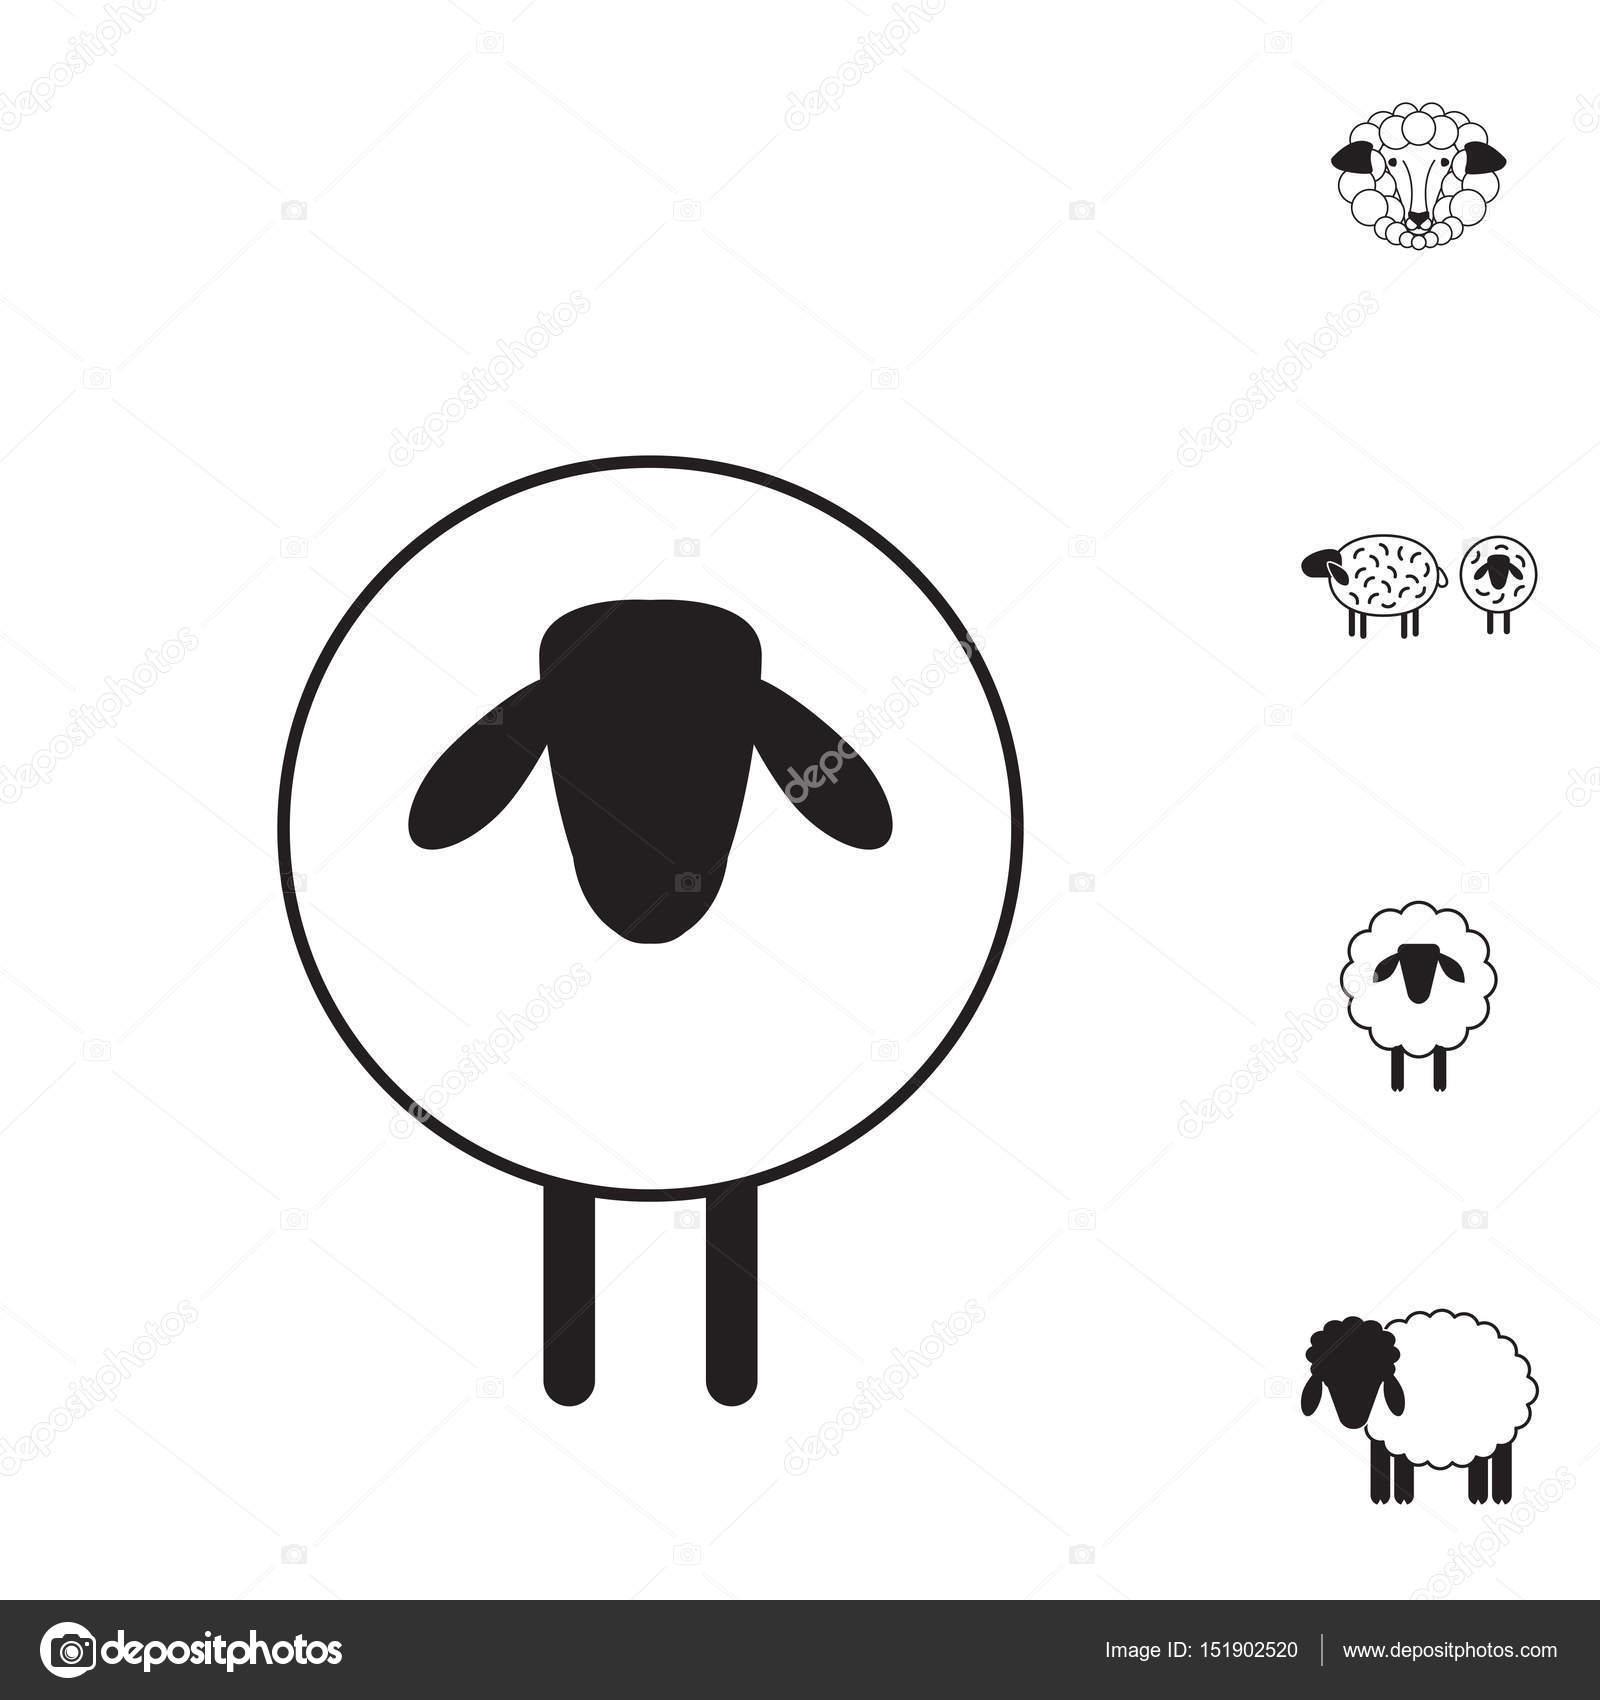 Oveja o carnero icono, Logo, plantilla, pictograma — Vector de stock ...